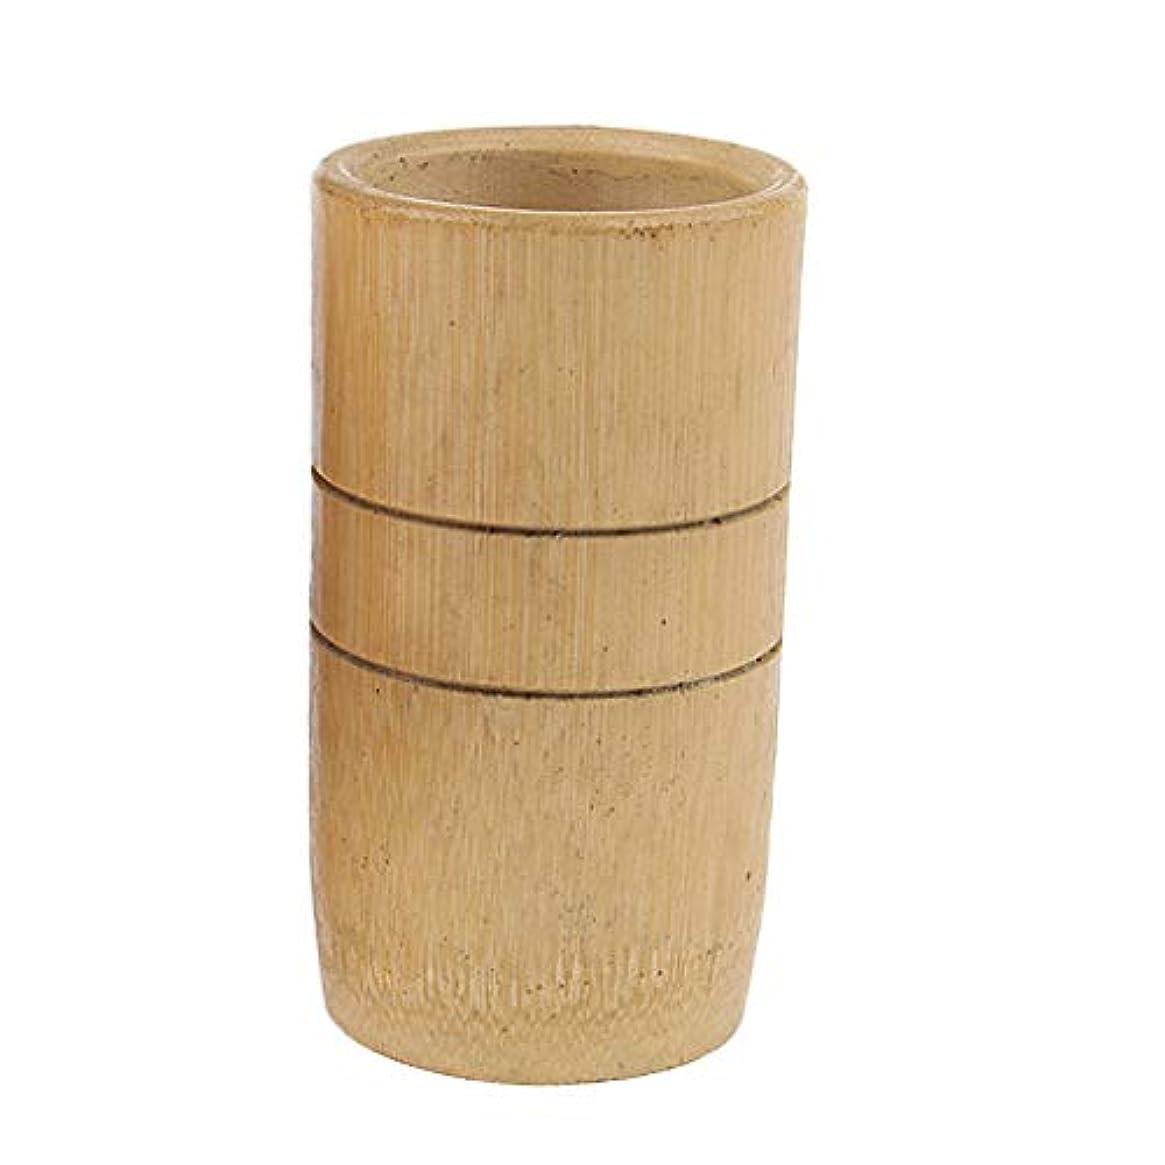 表向き支給遺伝的マッサージカップ 吸い玉 カッピング 天然竹製 男女兼用 2個入